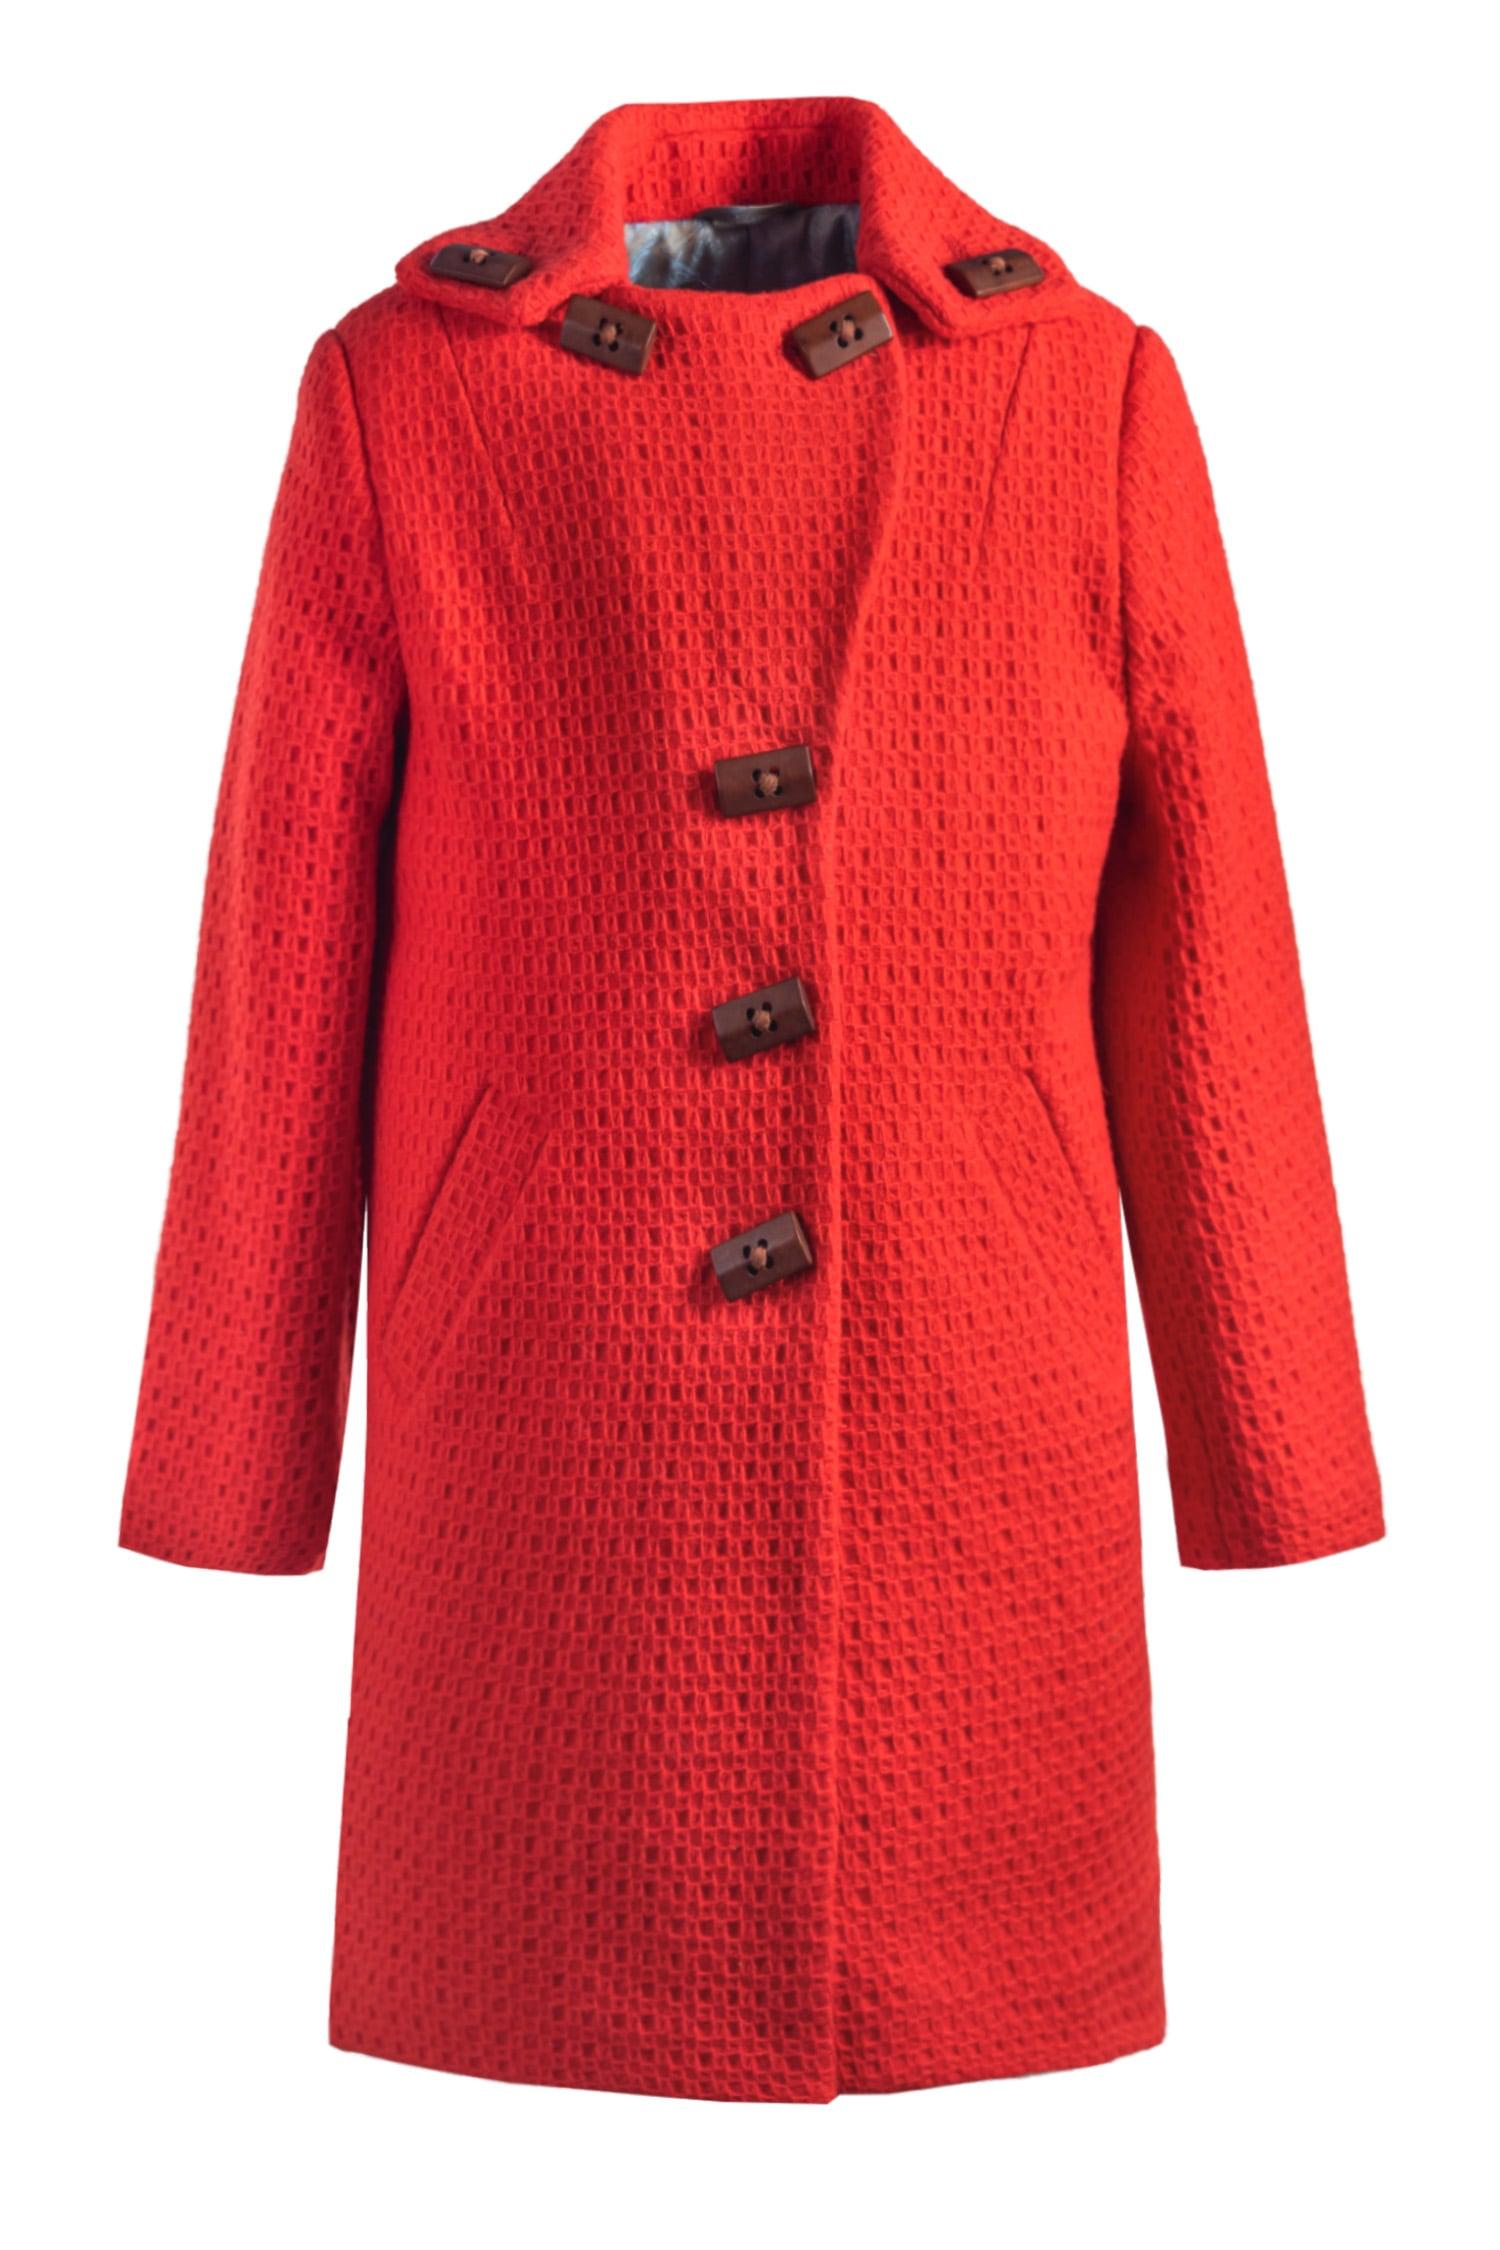 Palton roșu pentru fete Mila IRIDOR 1